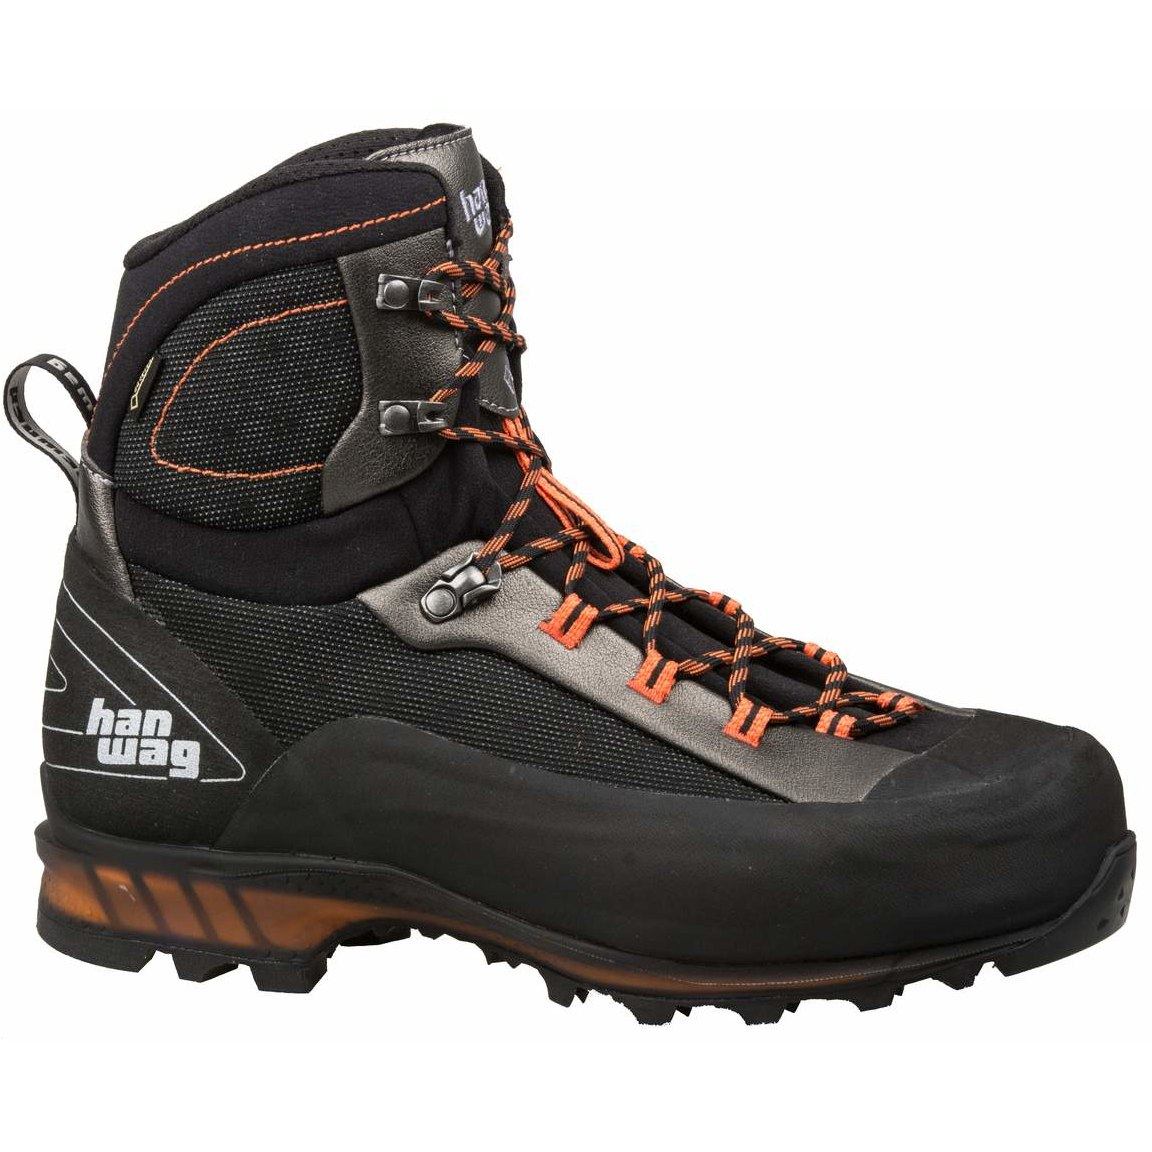 Hanwag Ferrata GTX II Shoe - Black/Orange